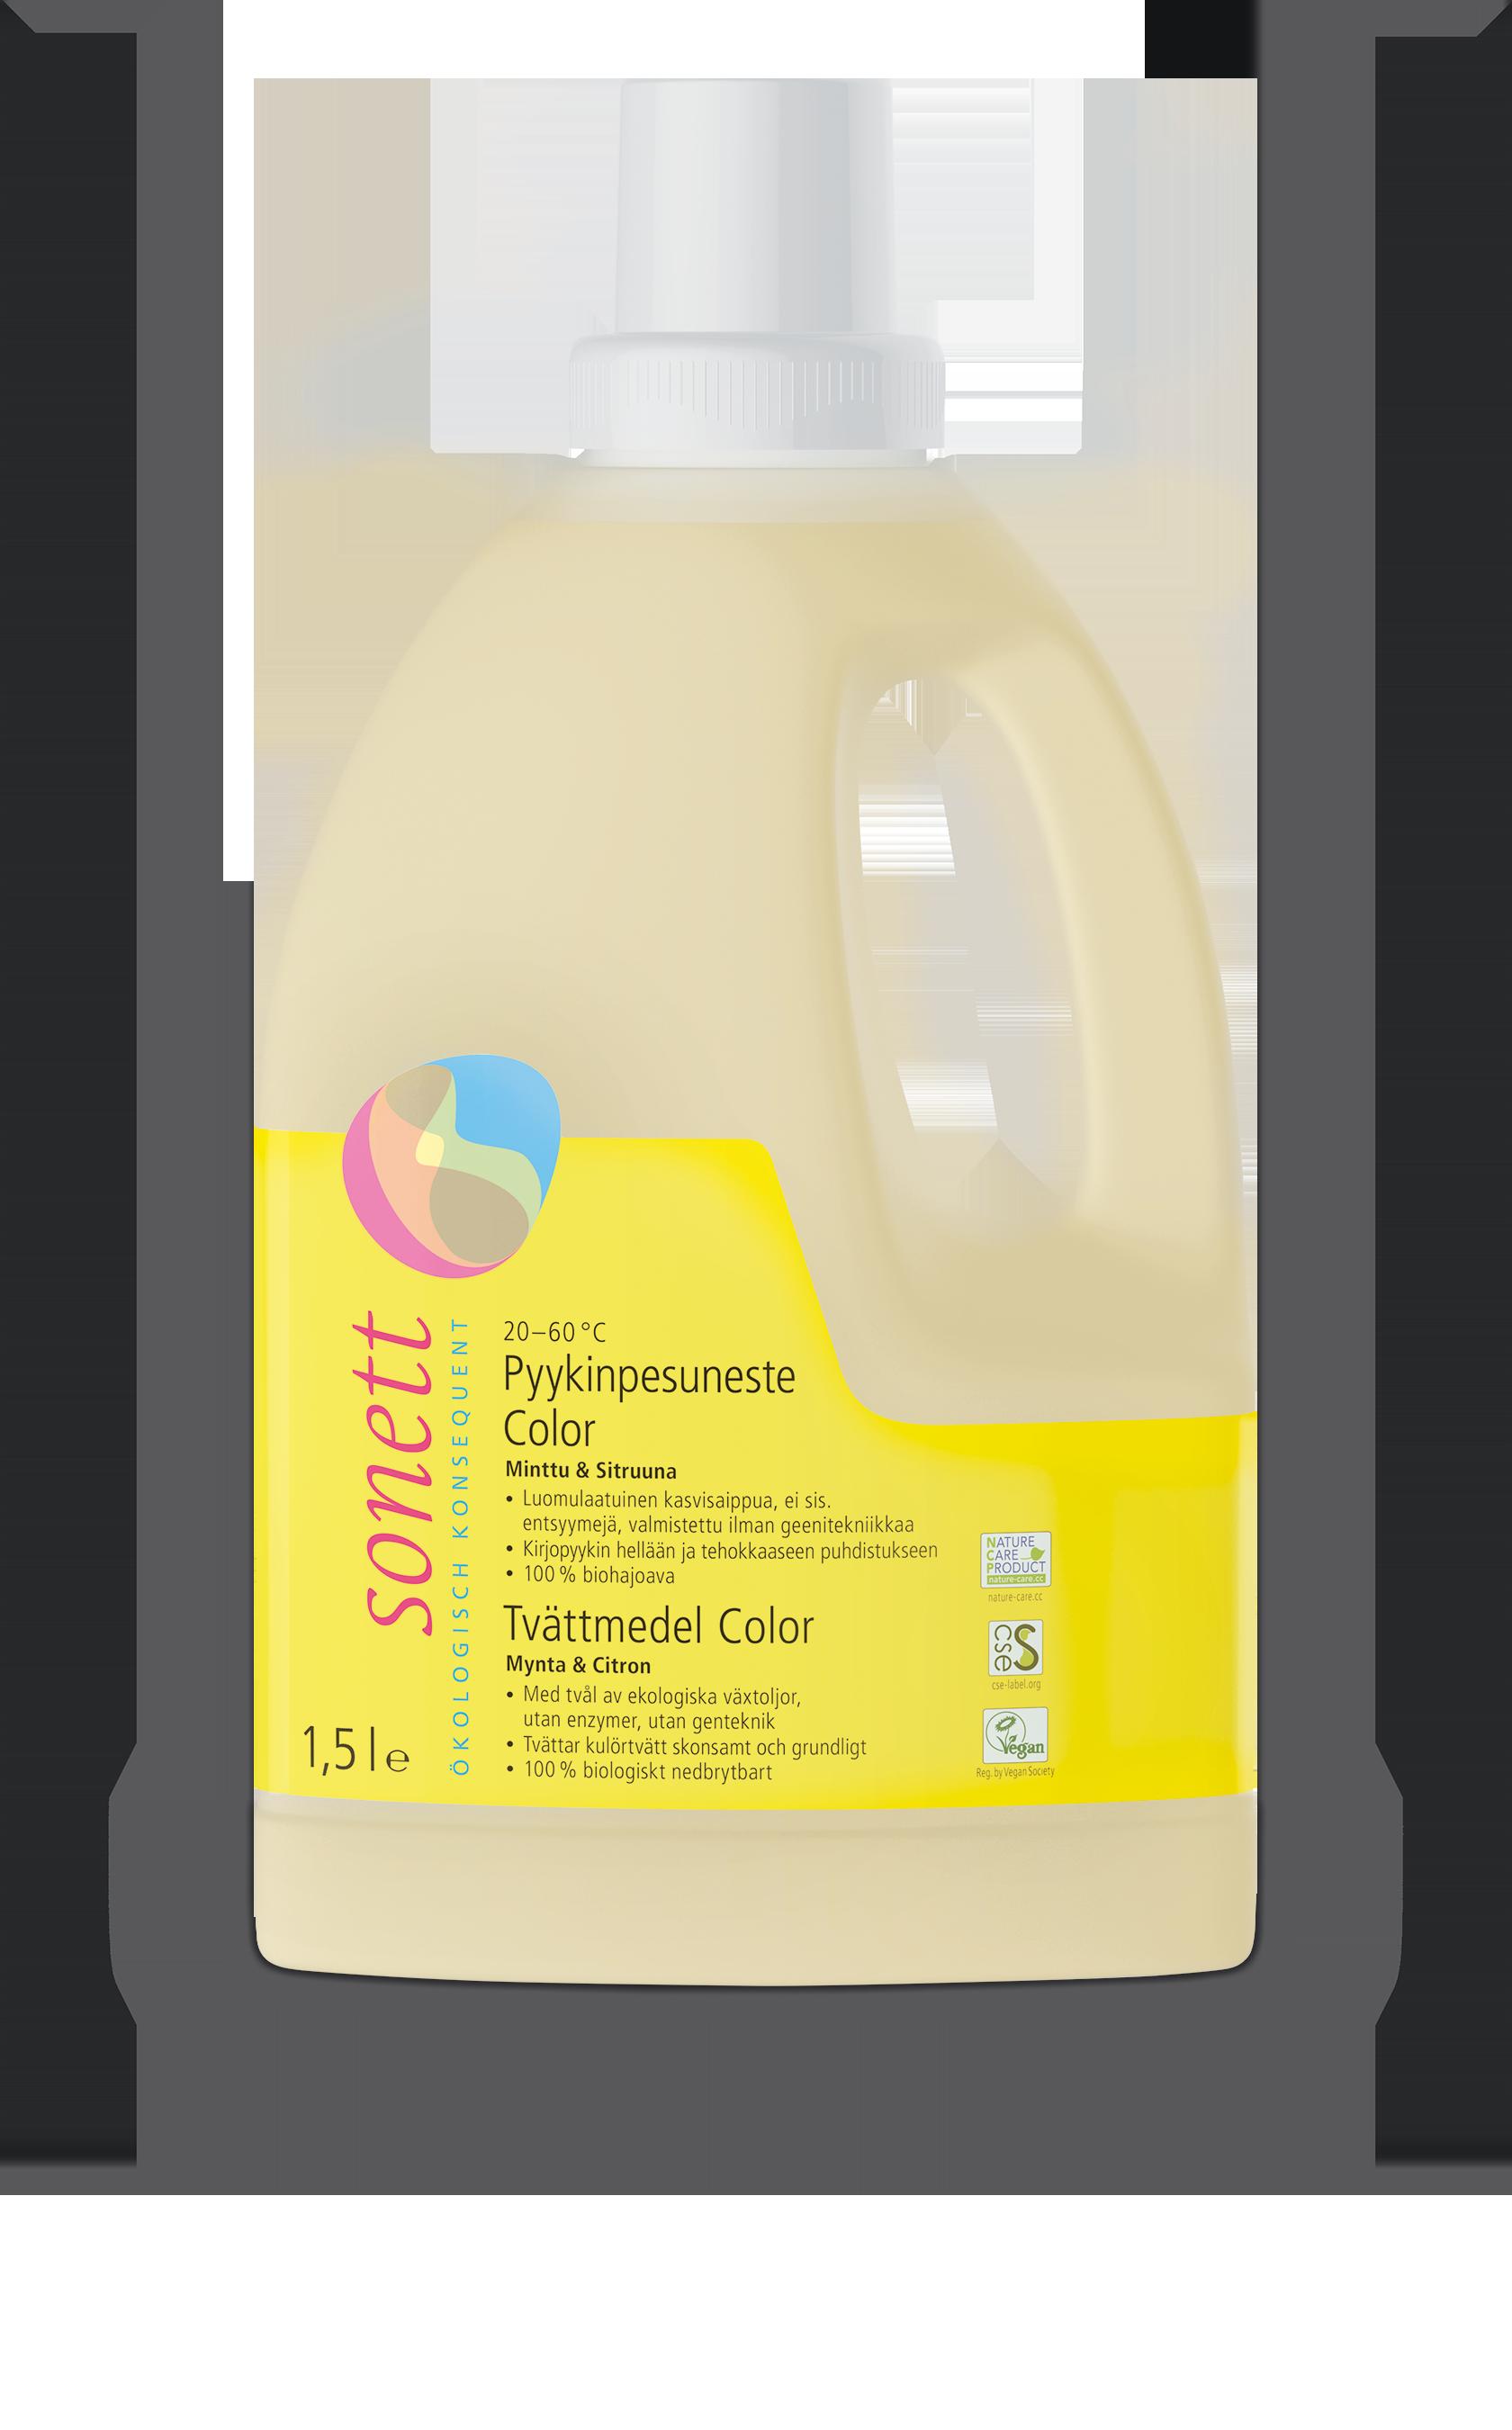 Sonett Color-pyykinpesuneste 1,5l